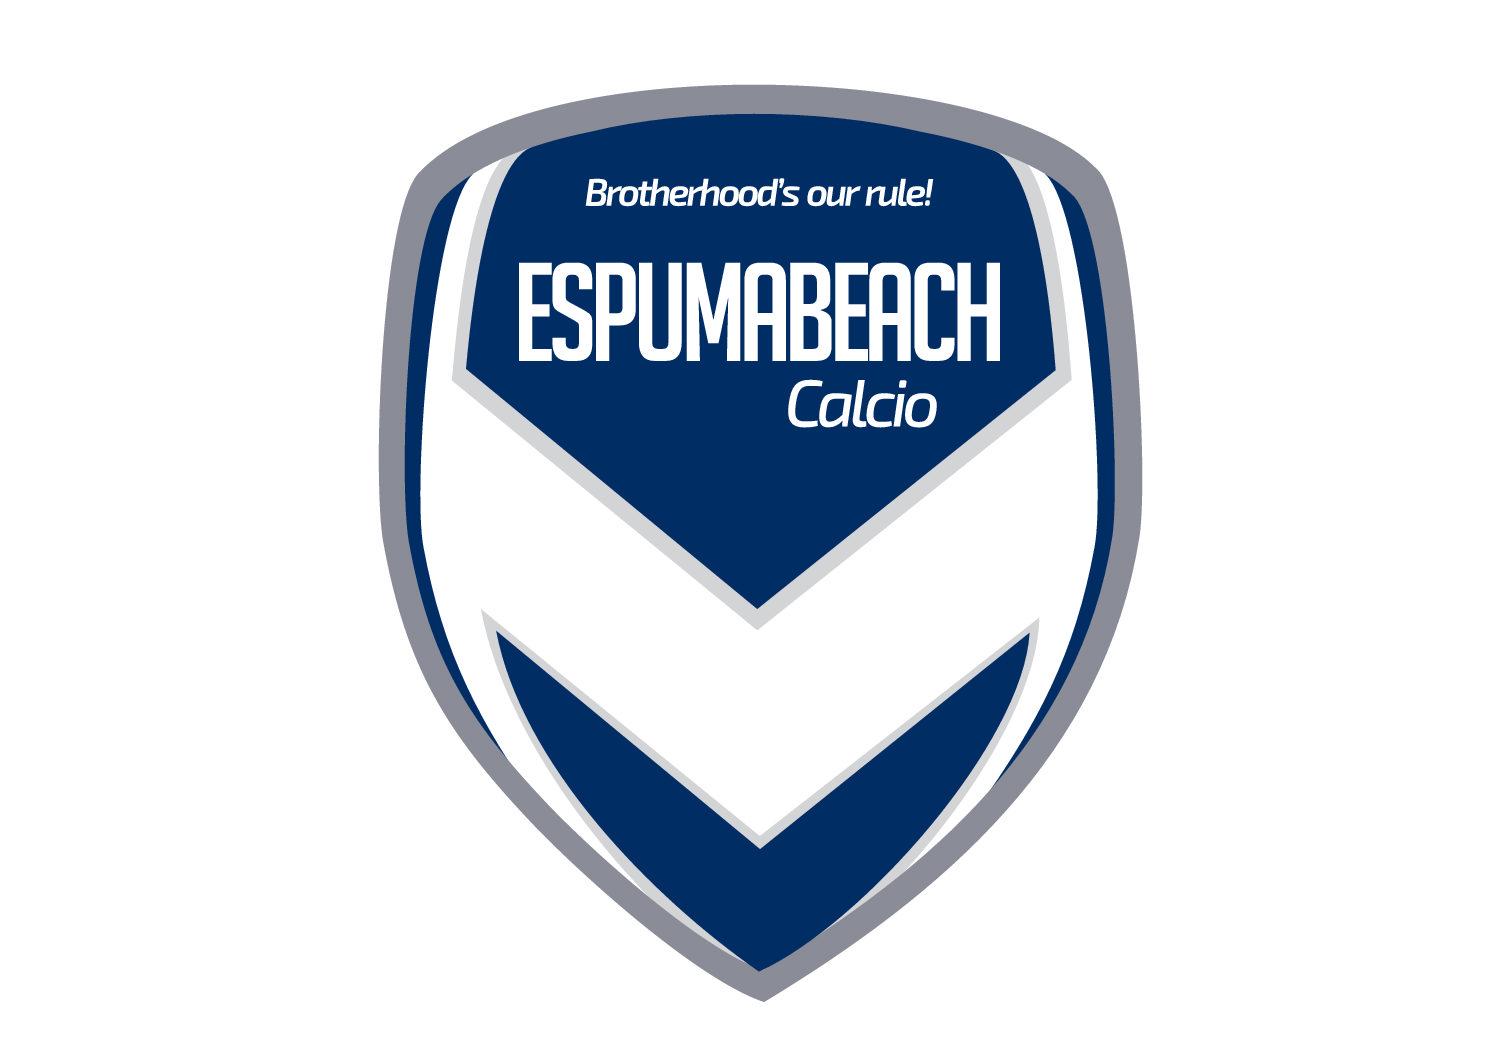 ESPUMABEACH CALCIO